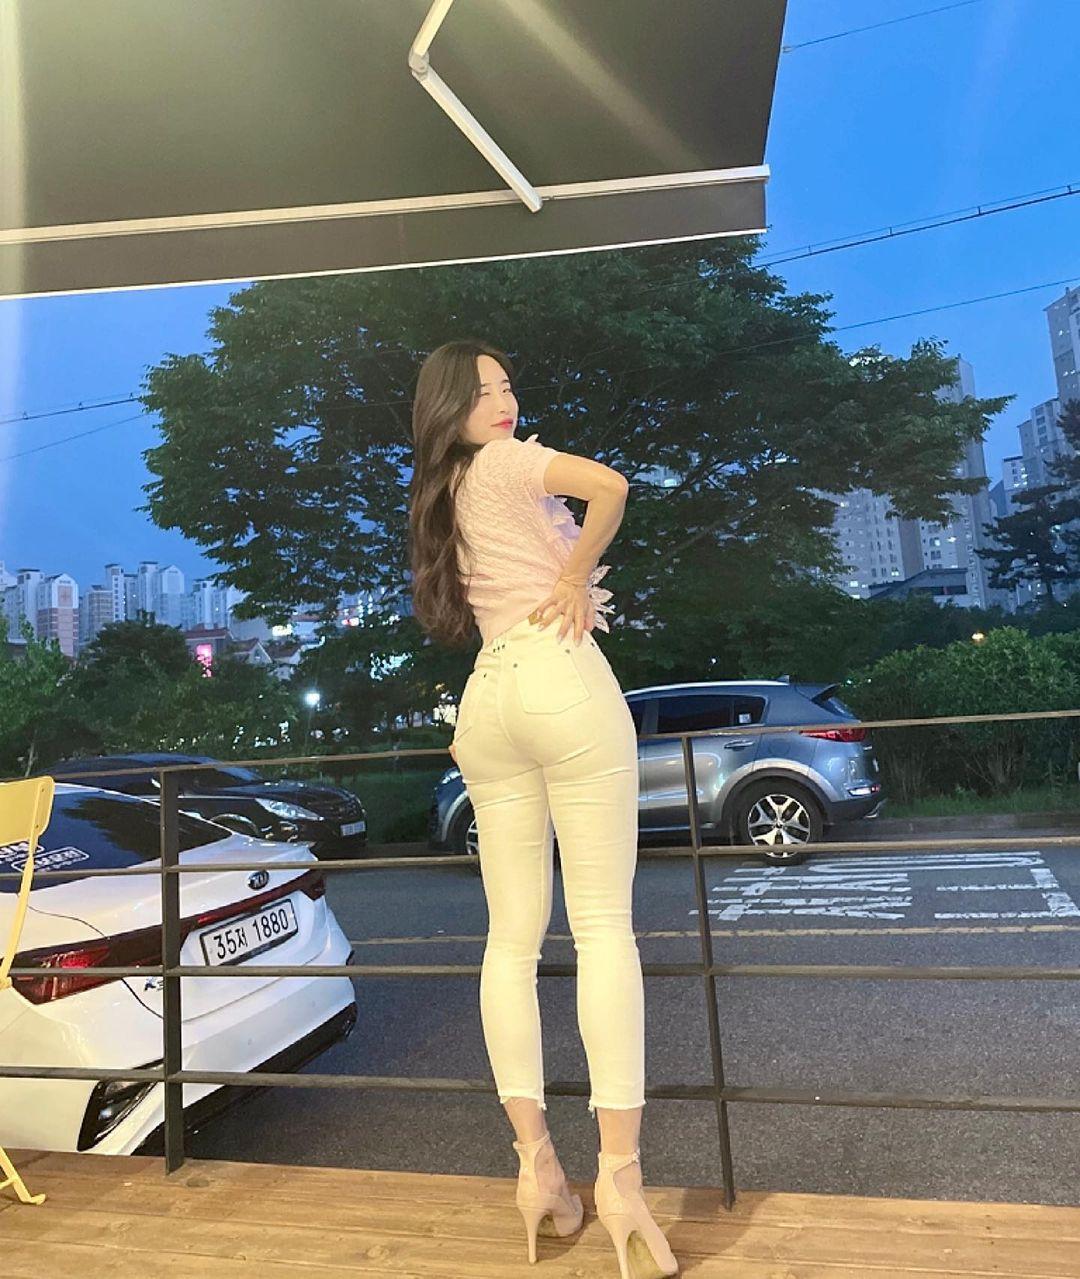 162cm 52kg 인스타녀의 뒤태 - 꾸르